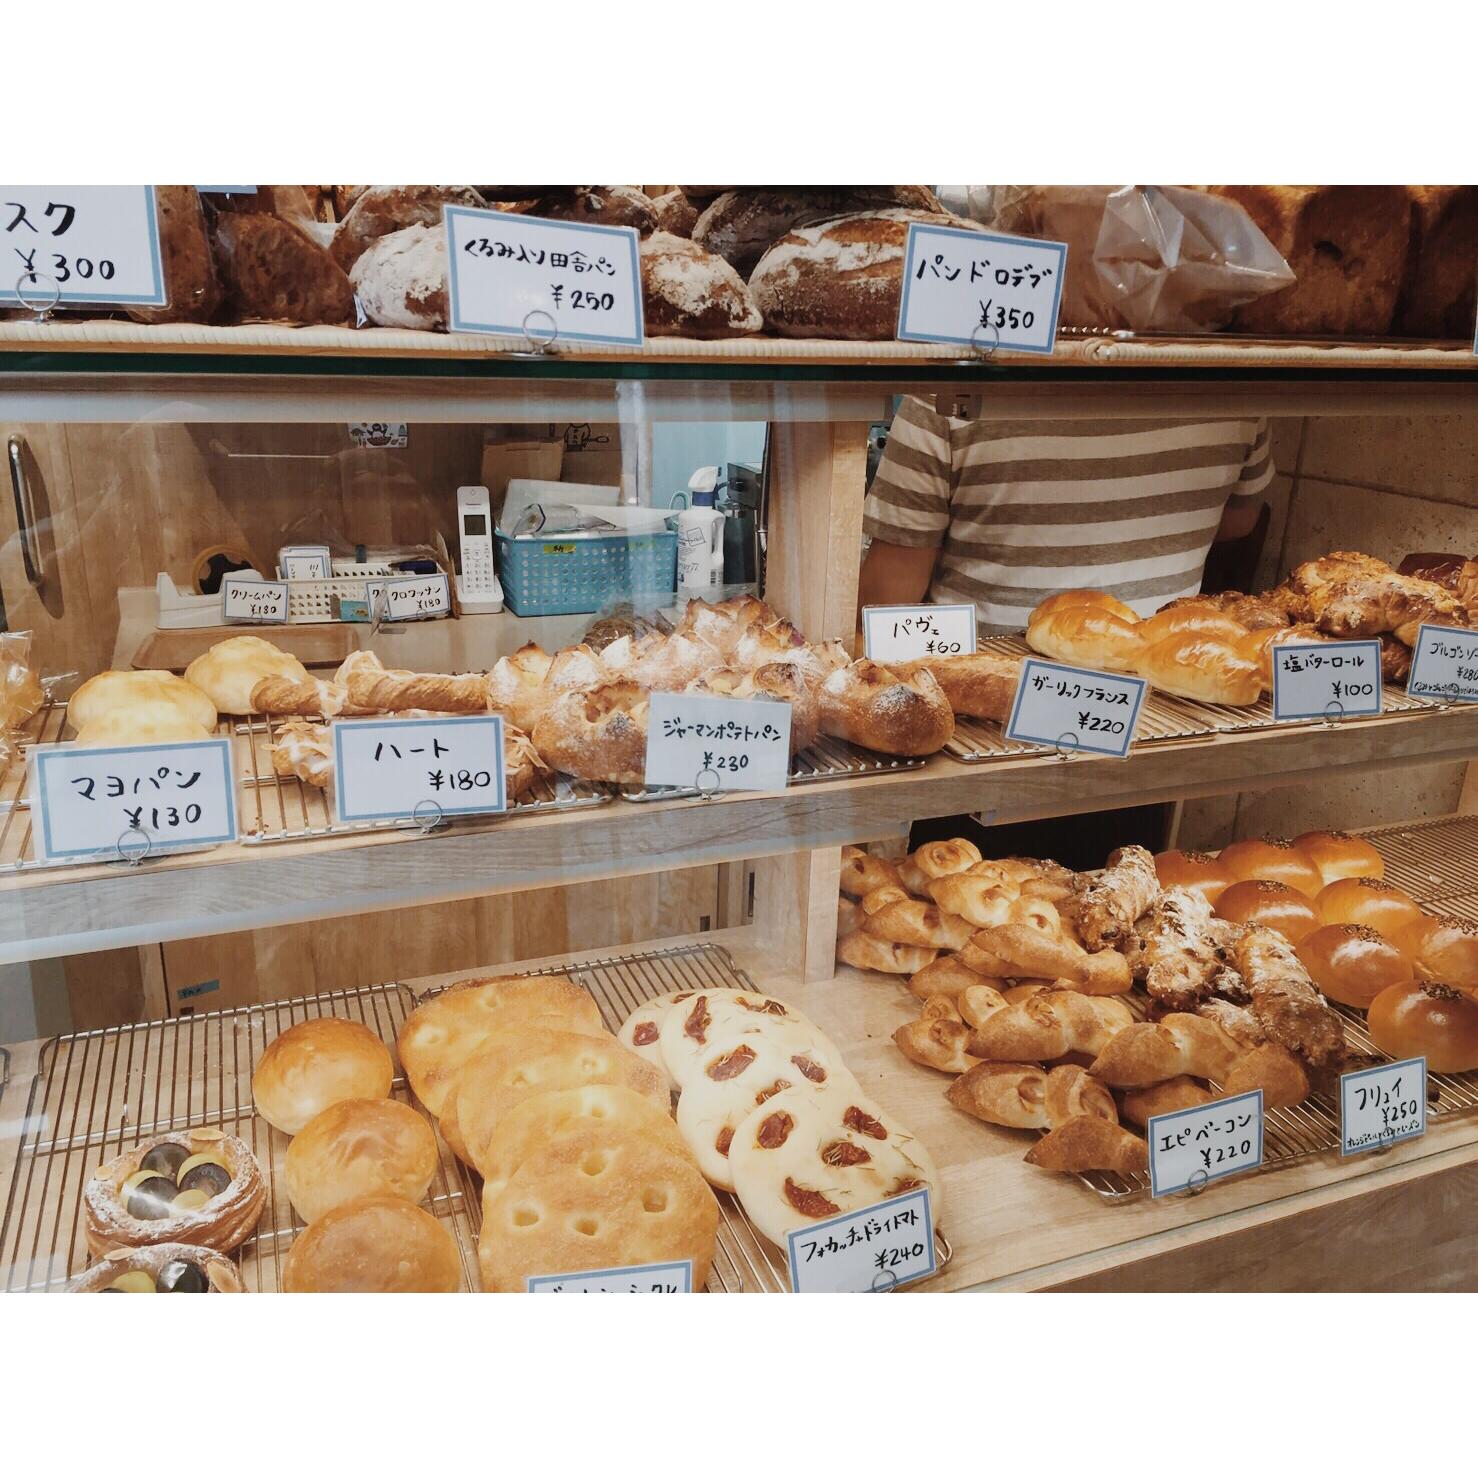 本日のパン棚(2016.09.28) | OPAN オパン|東京 笹塚のパン屋